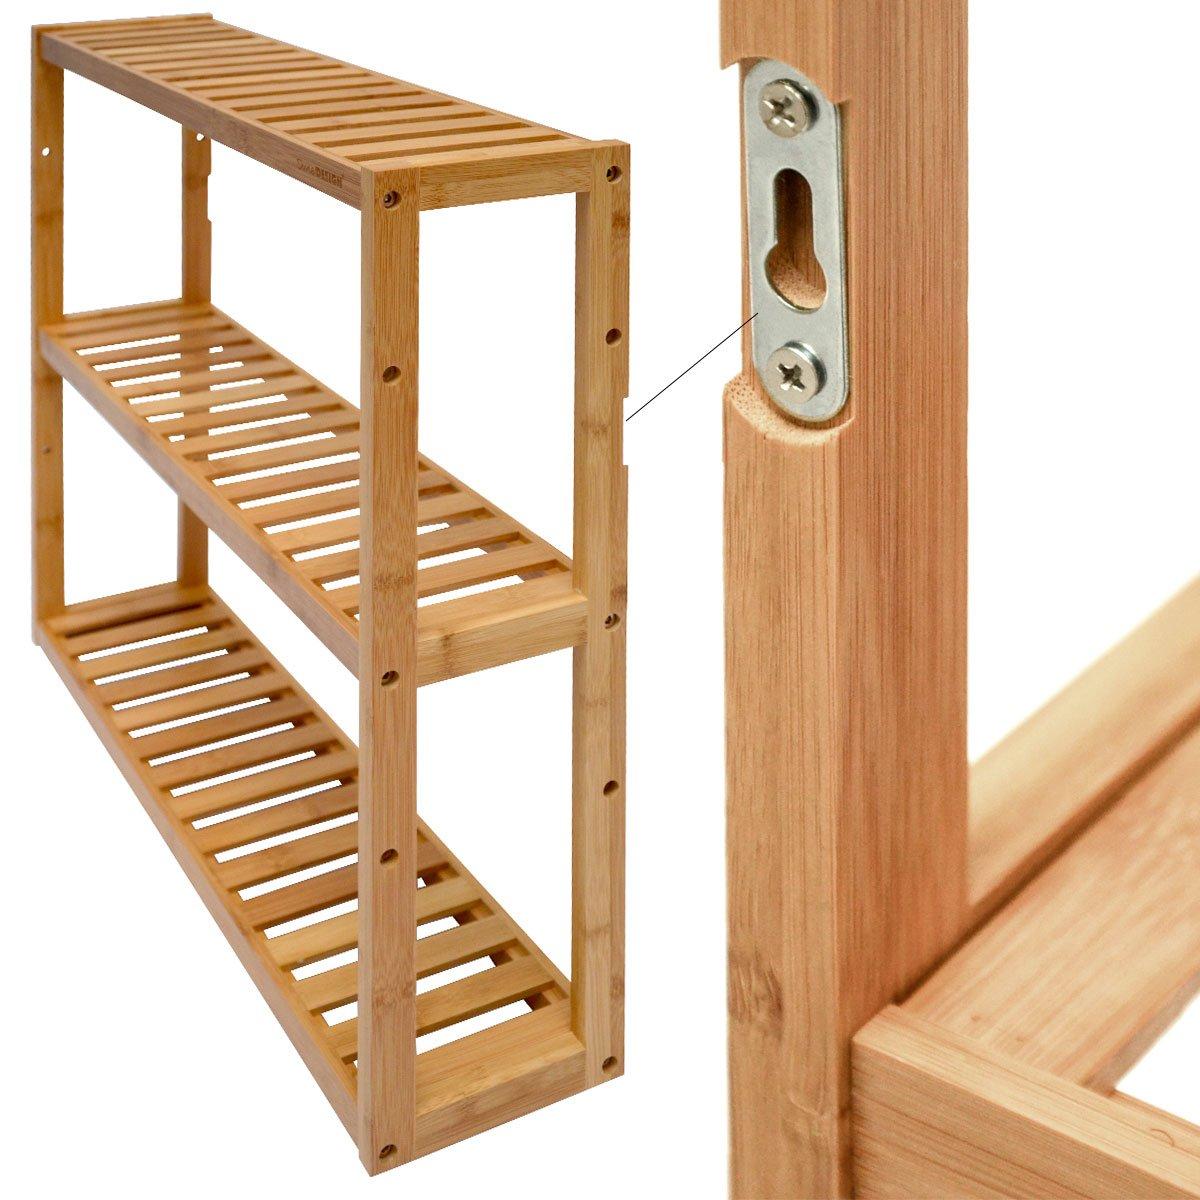 Dunedesign Wandregal 54x60x15cm Bambus Bad Regal 3 Facher Holz